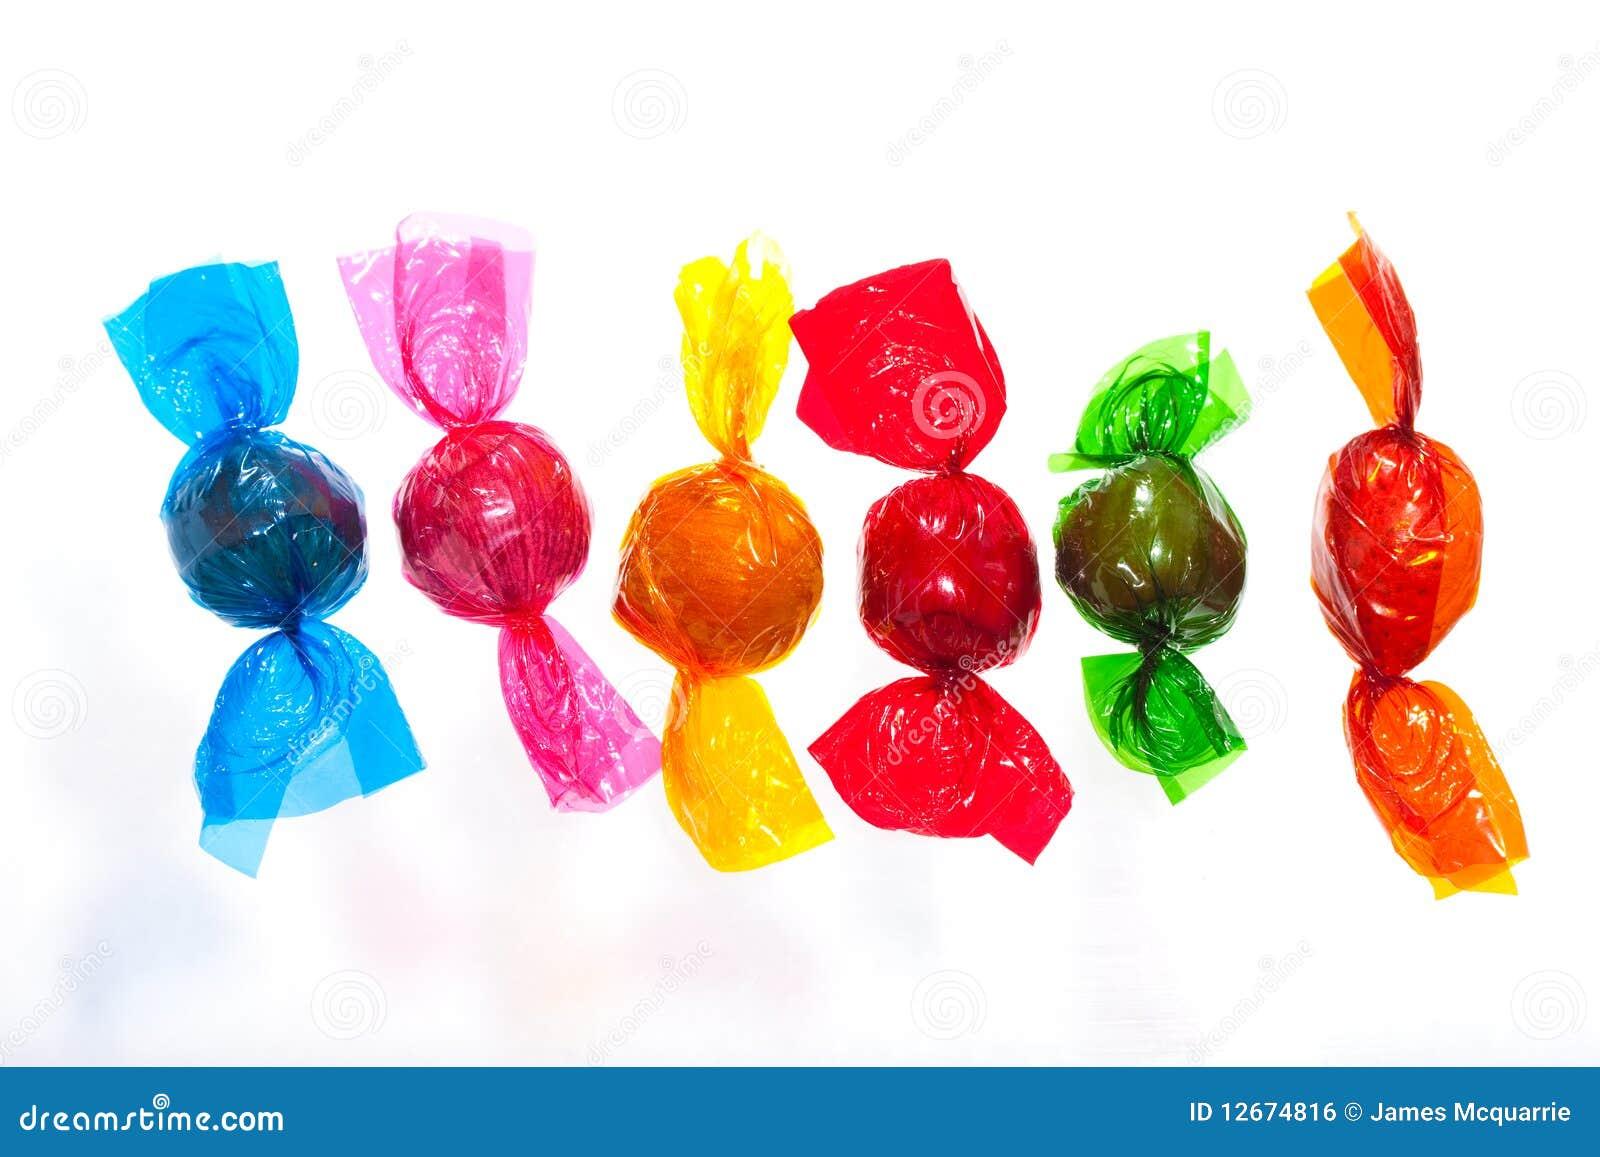 Bunte Bonbons Stockfoto Bild Von Konfektionsartikel 12674816